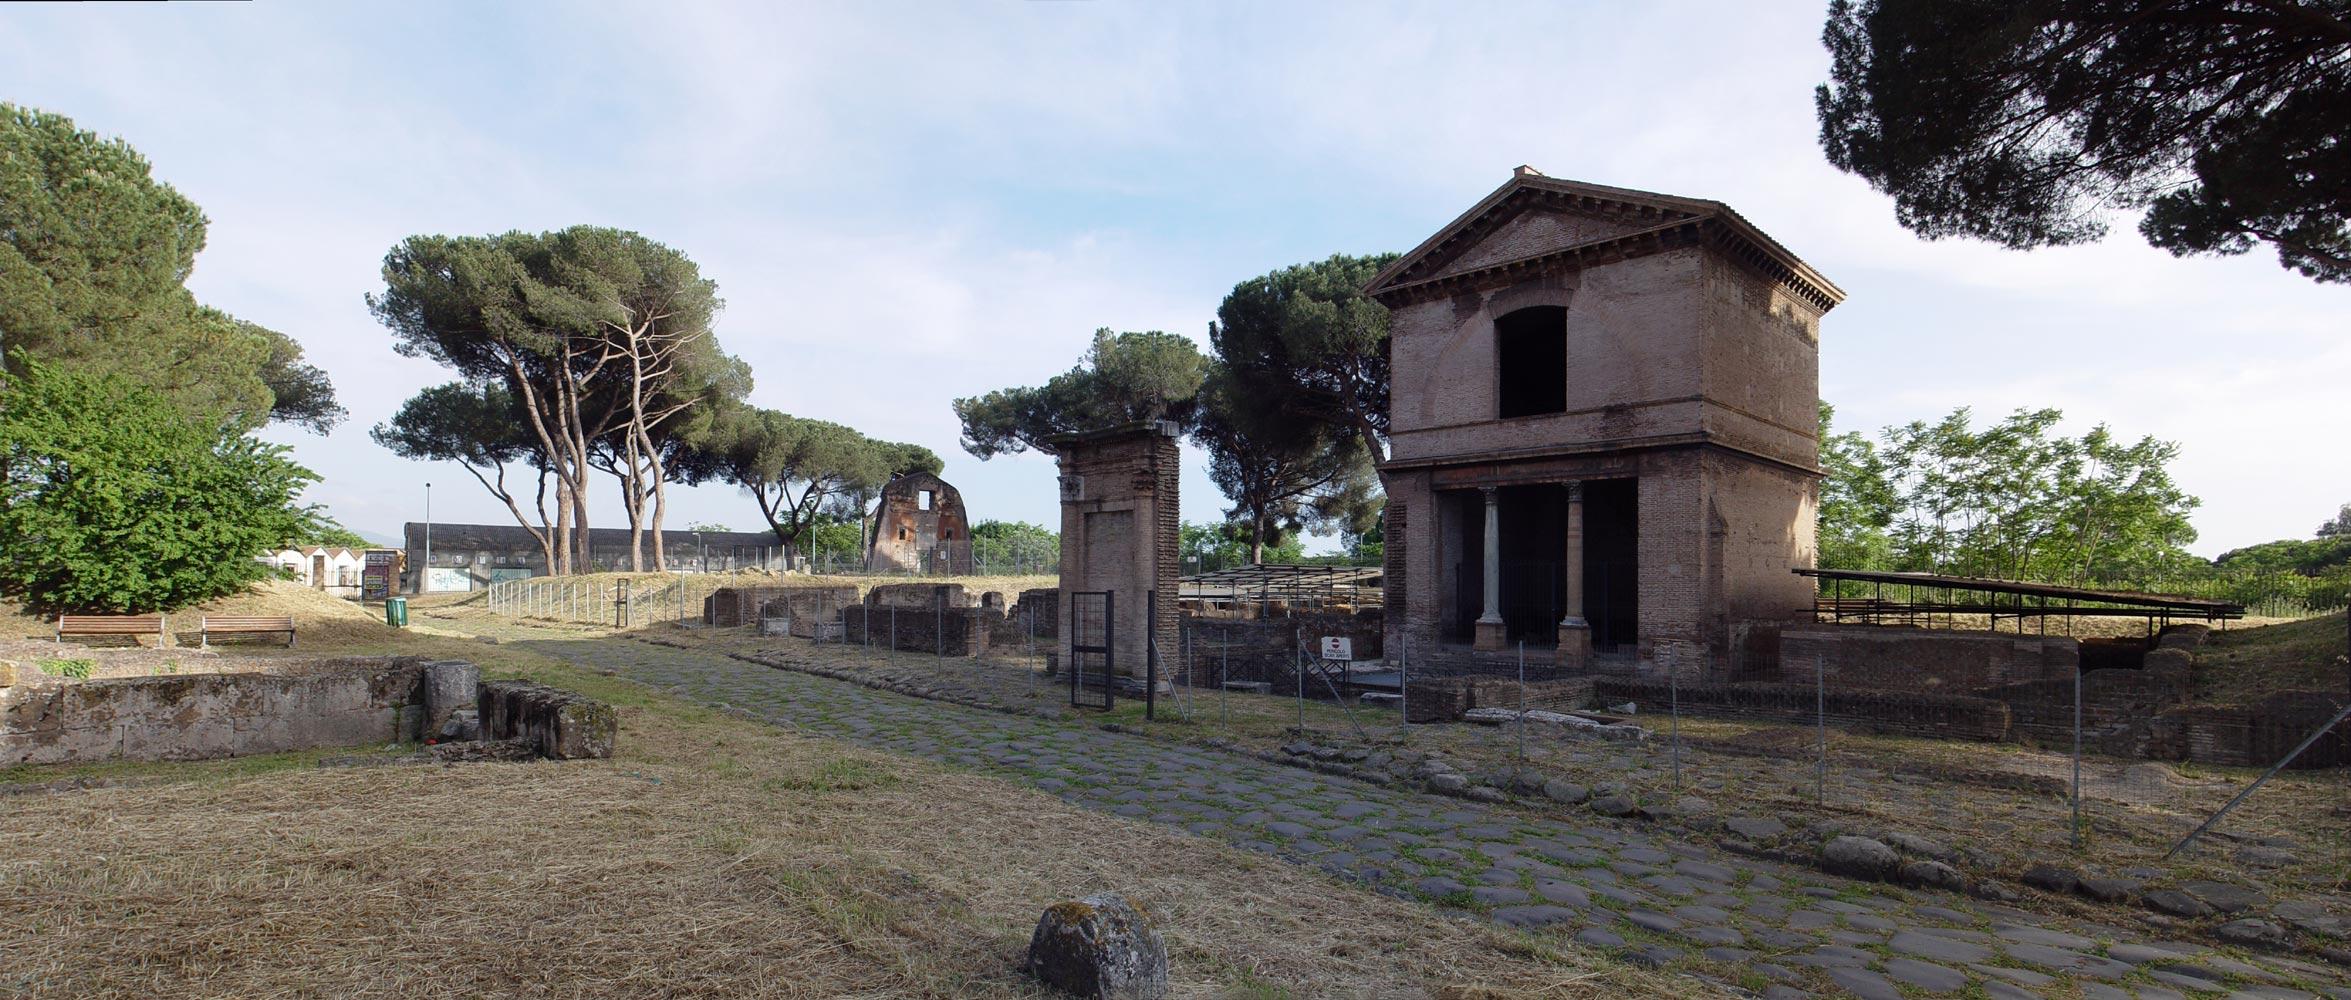 parco delle tombe di via latina - Roma Parco delle tombe di Via Latina - Parco delle tombe di Via Latina